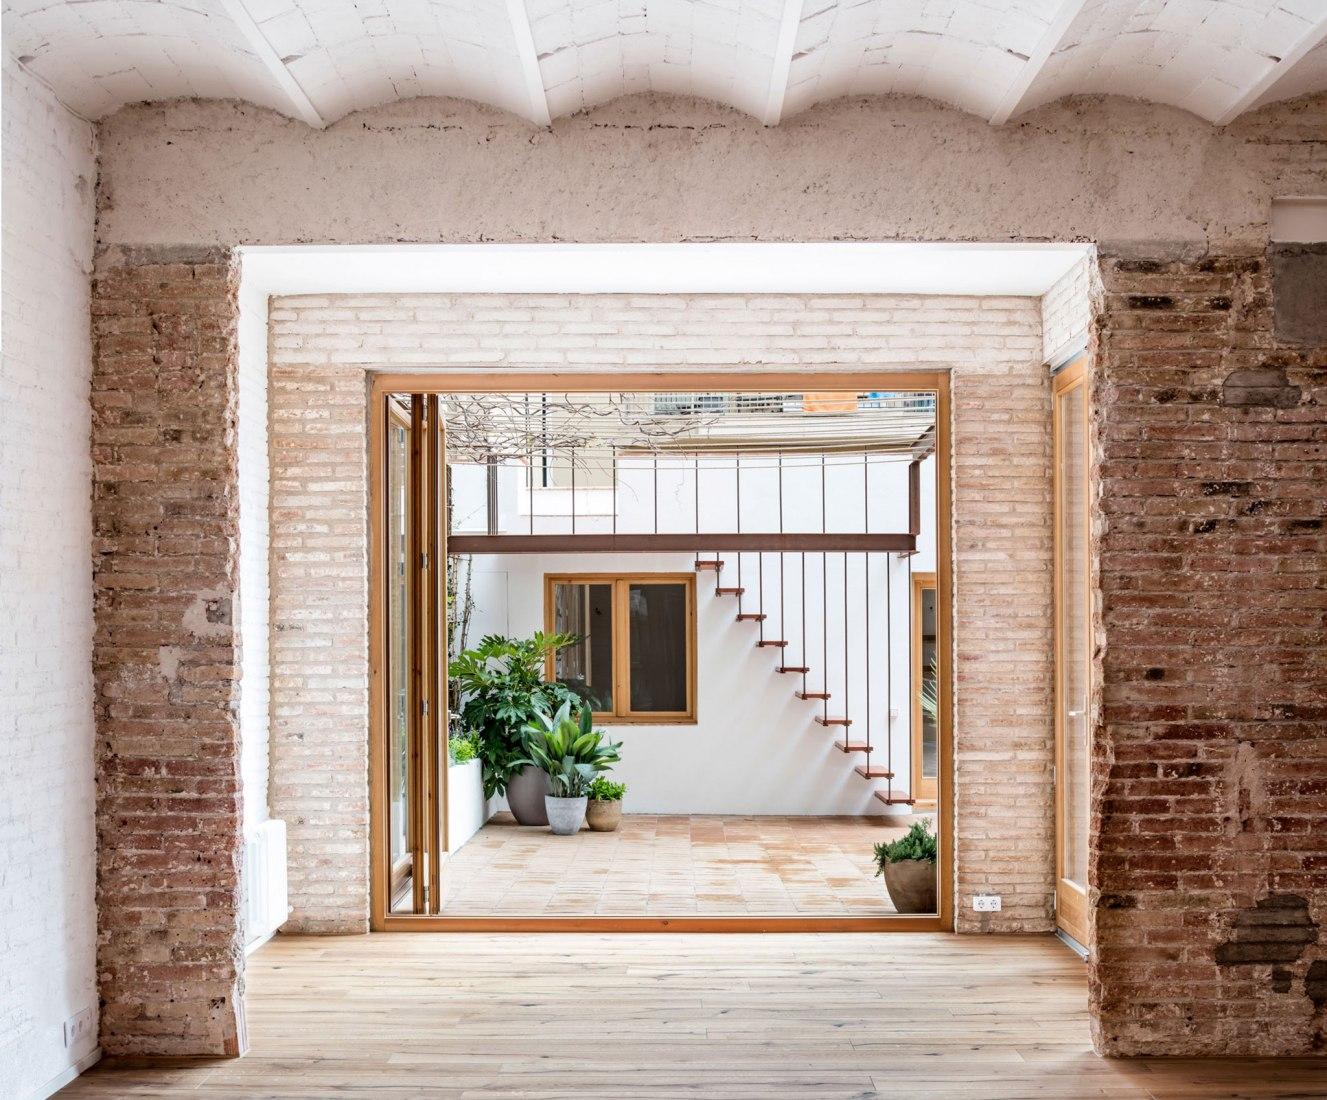 Interior. Casa-Galería por Carles Enrich. Fotografía © Adrià Goula